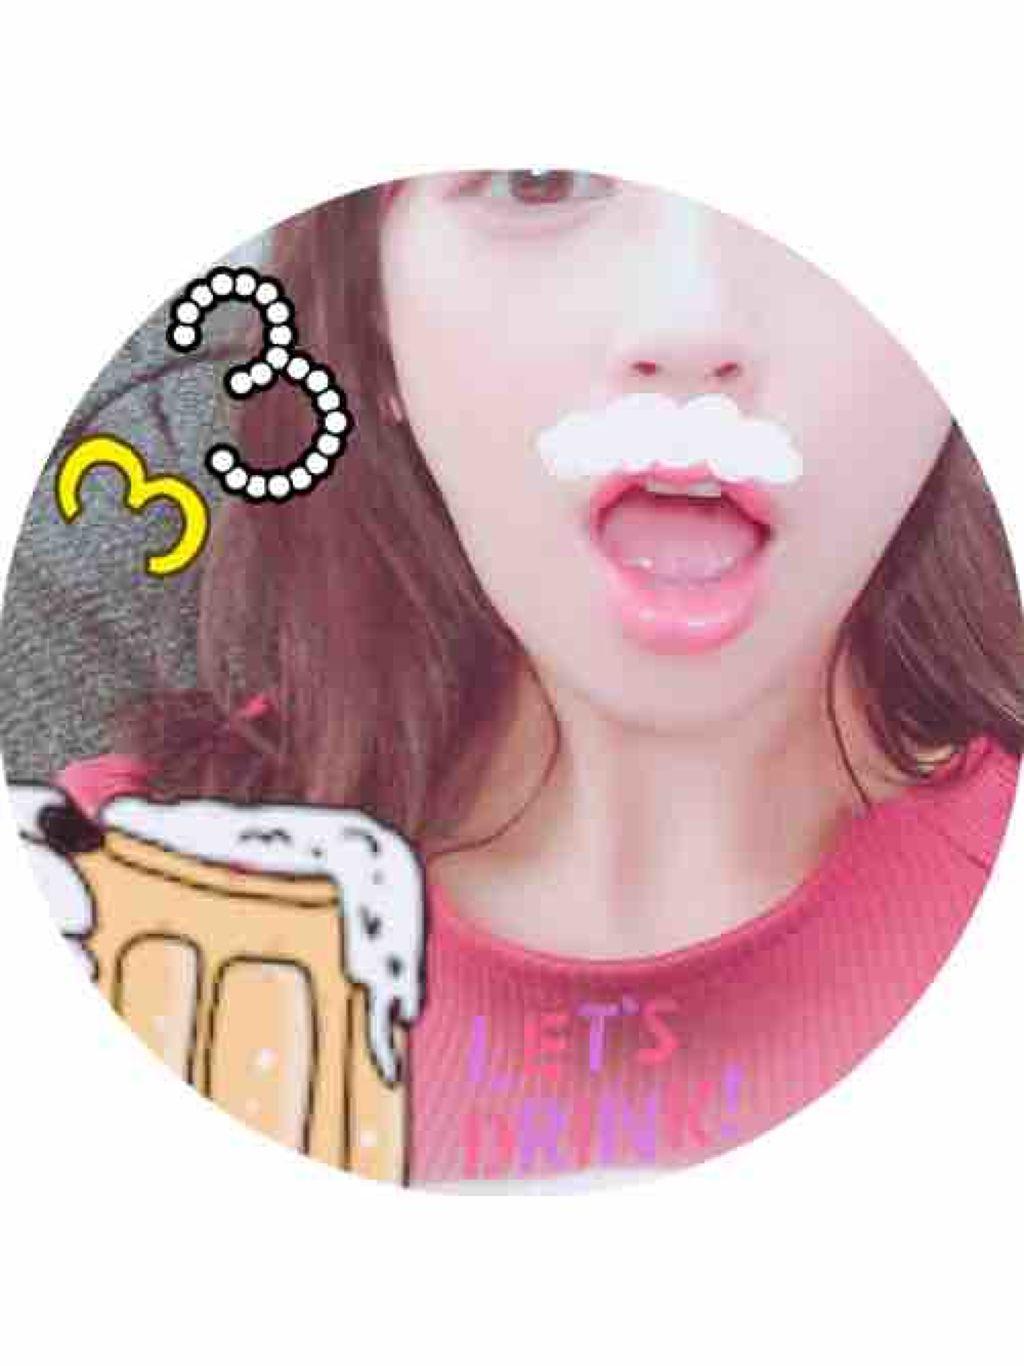 mimi_chan